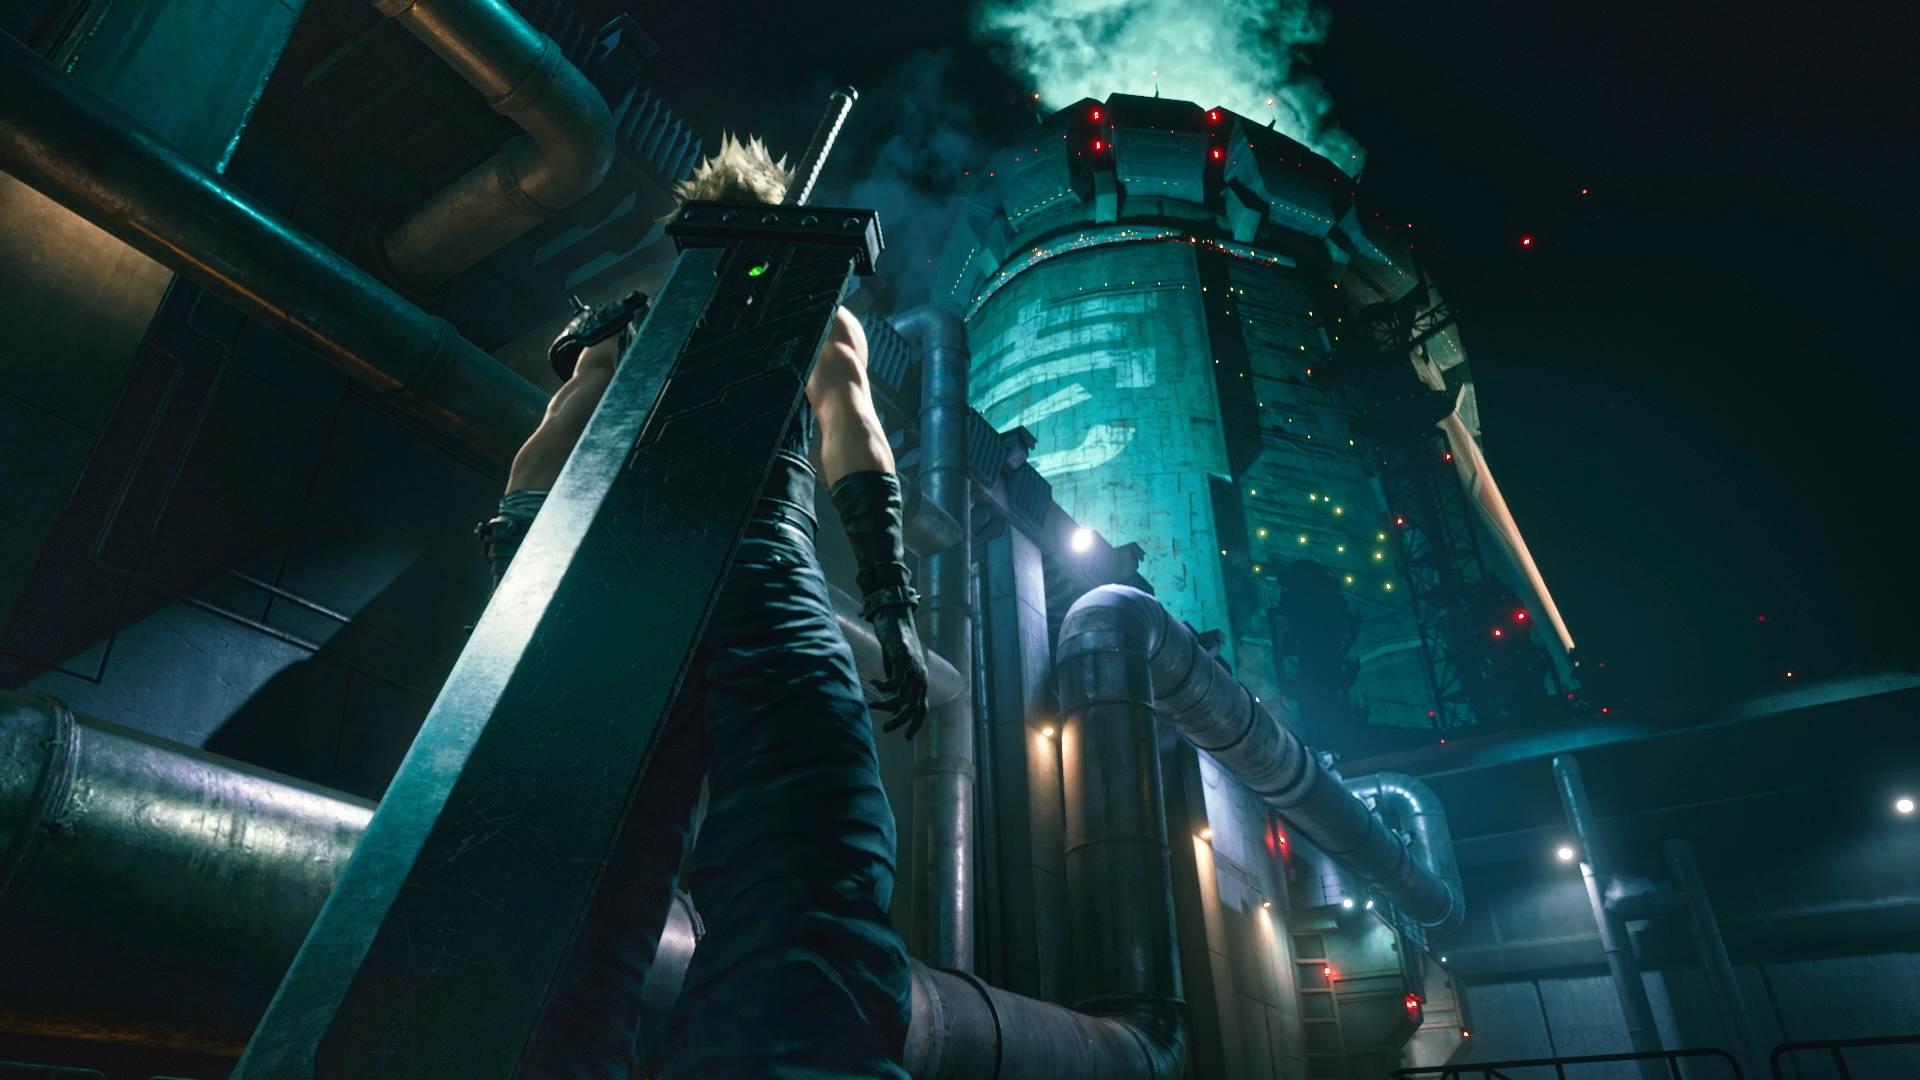 Final-Fantasy-VII-2-Tetsuya-Nomura-u-ert-sich-zum-Entwicklungsstand